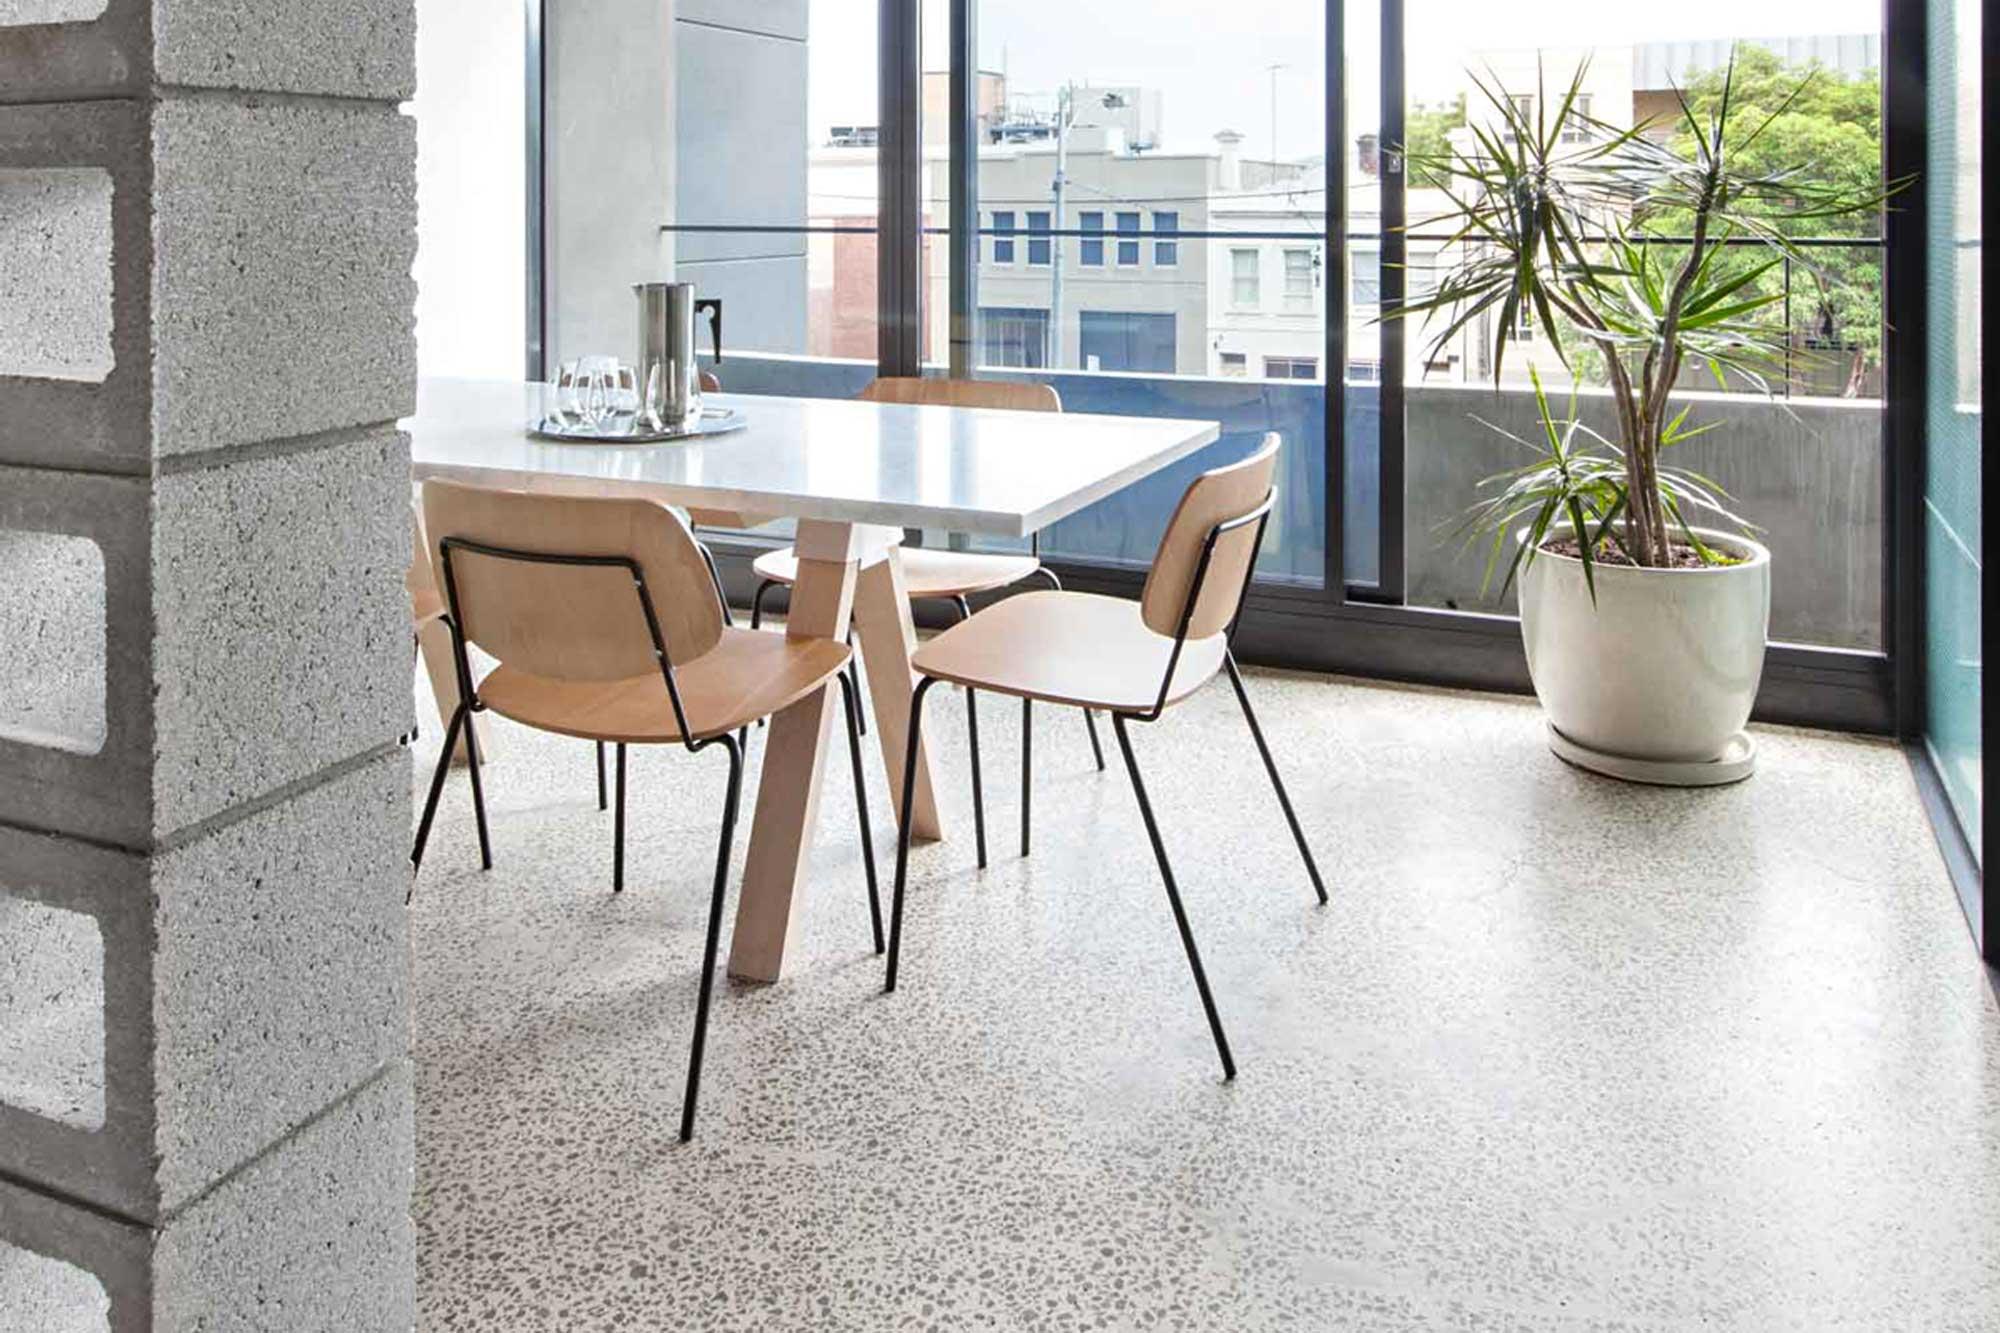 Uređenje apartmana: 10 trendova u dizajnu interijera u 2018. - kulir